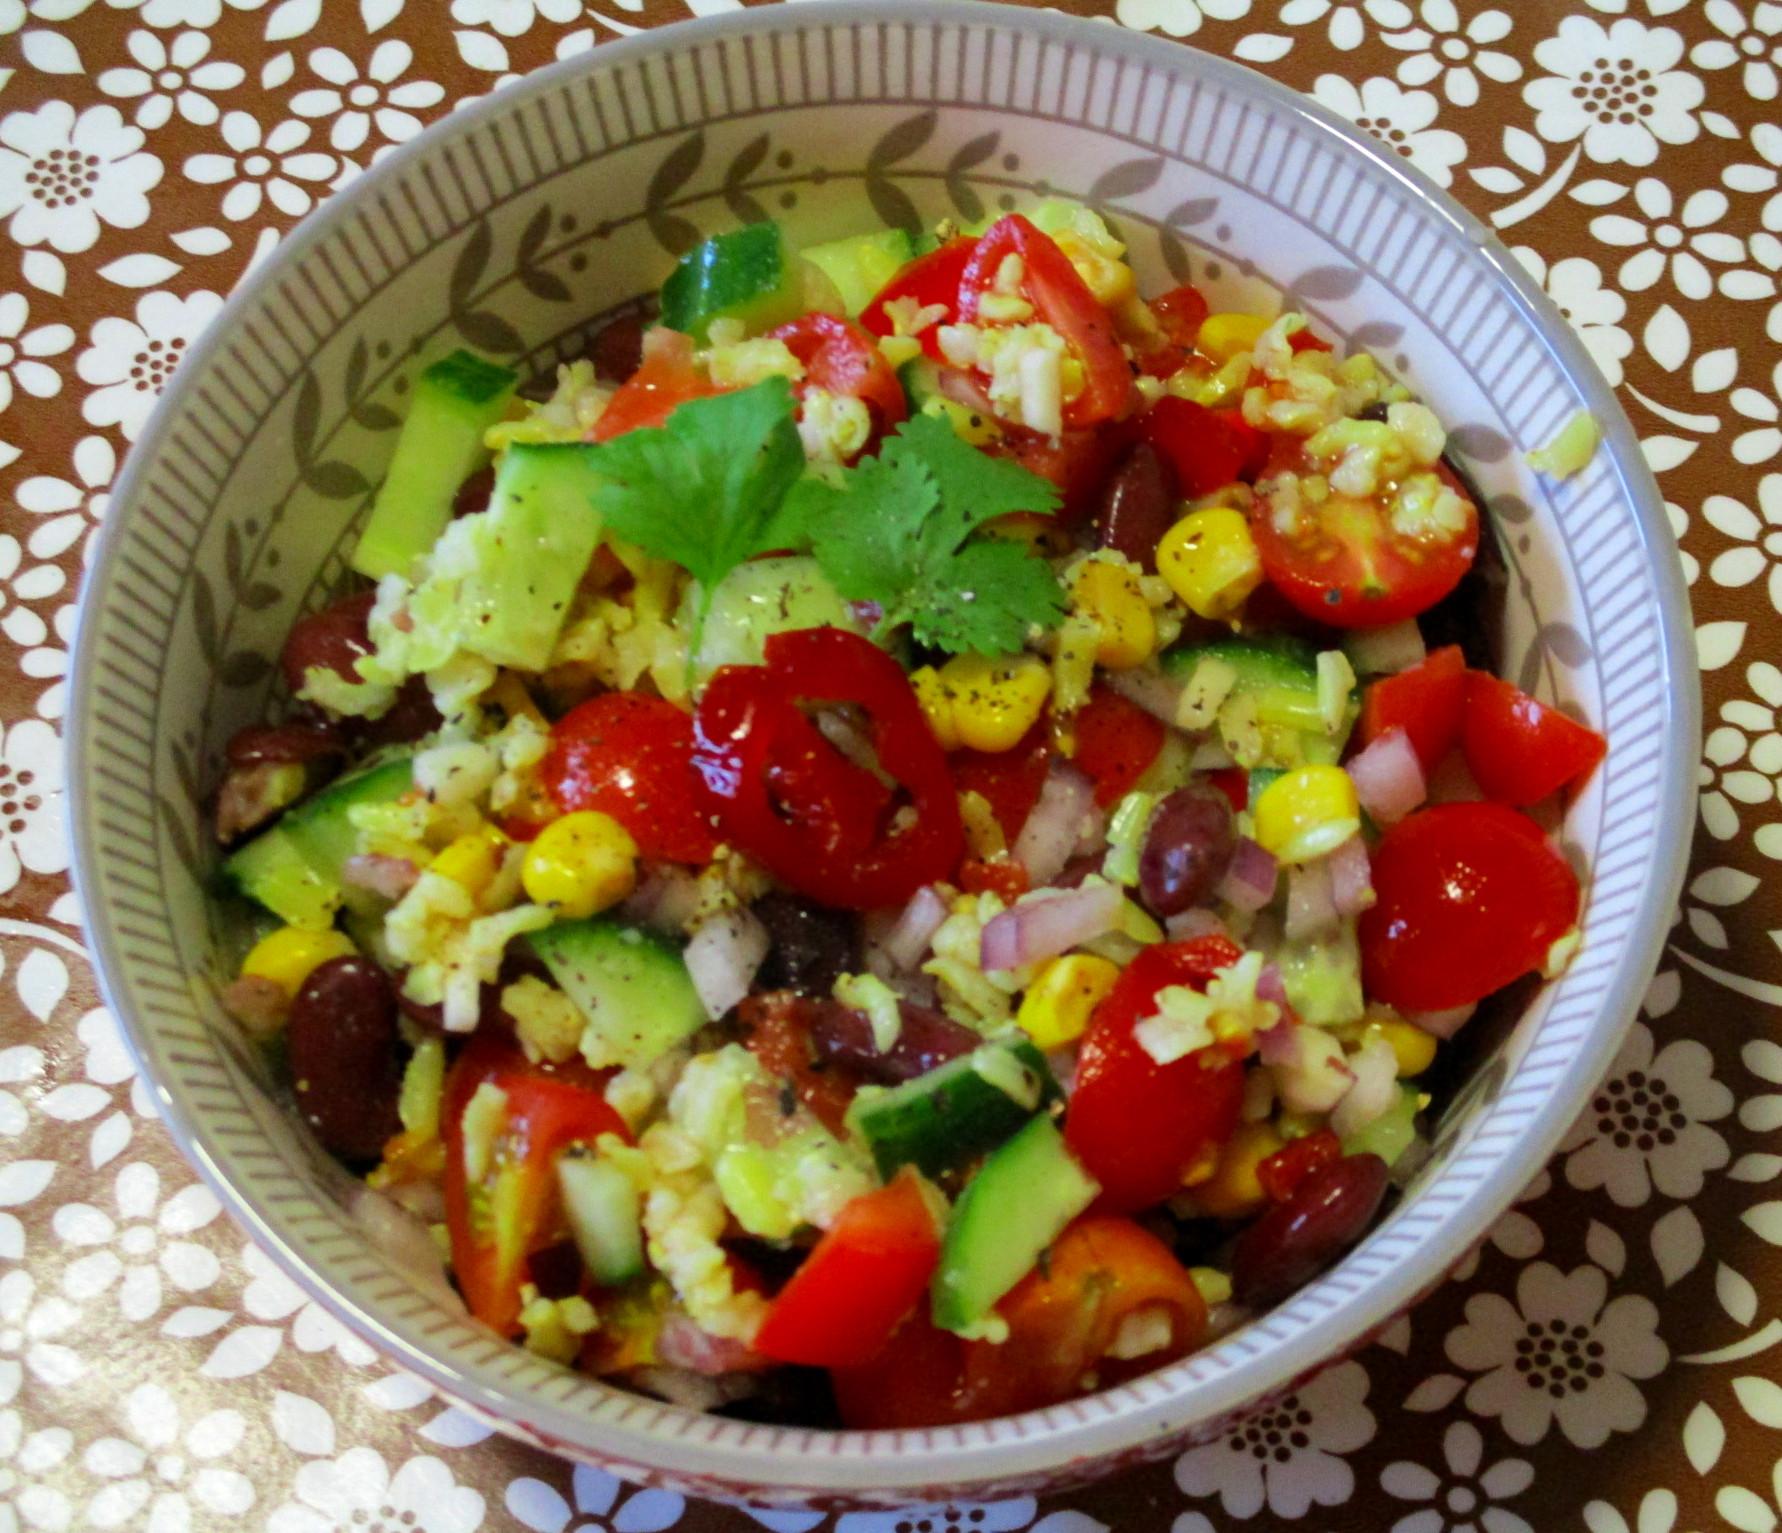 mexicaanse salade vegan veganistisch sojavrij glutenvrij.JPG